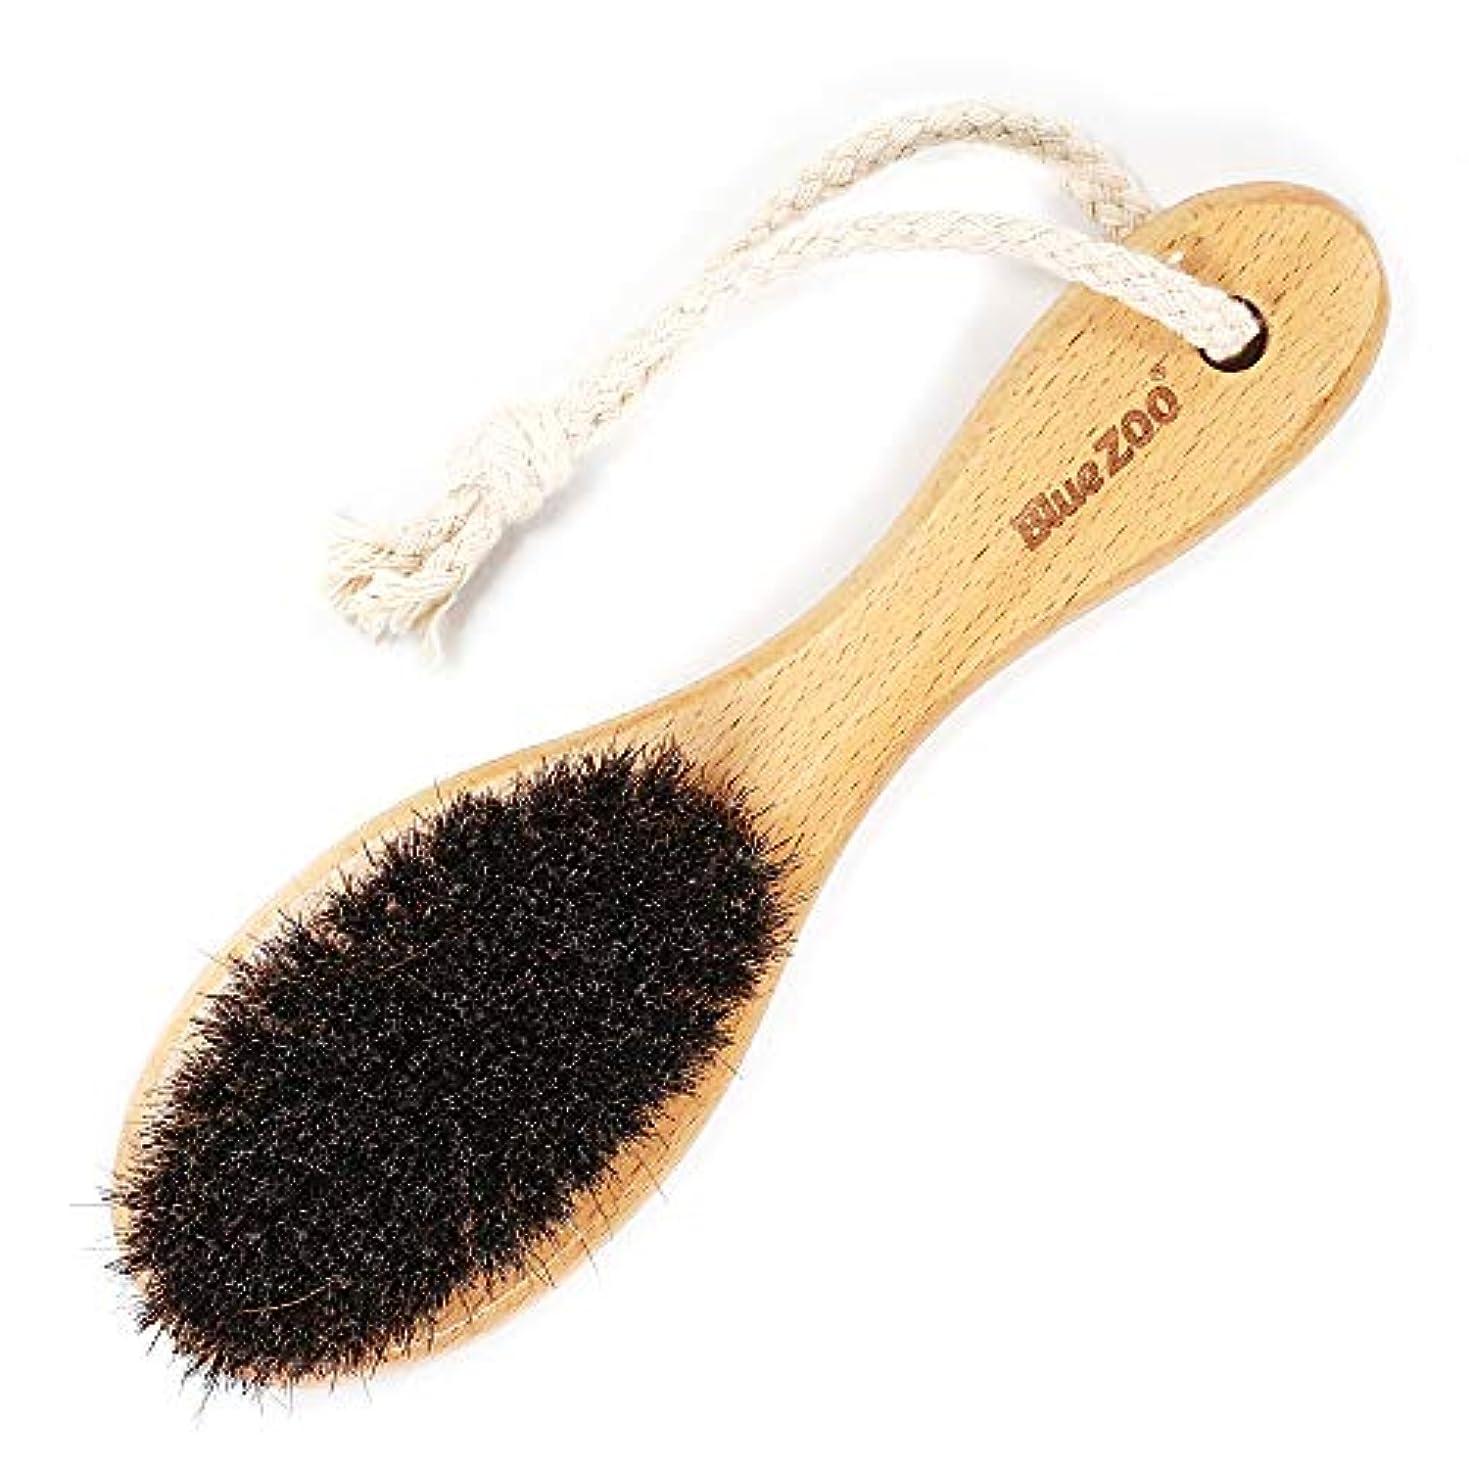 味付け傾斜喪Decdeal ひげブラシ 多機能 馬毛 ヘアブラシ/バスブラシ木製ハンドルボディマッサージブラシ 理容 洗顔 髭剃り